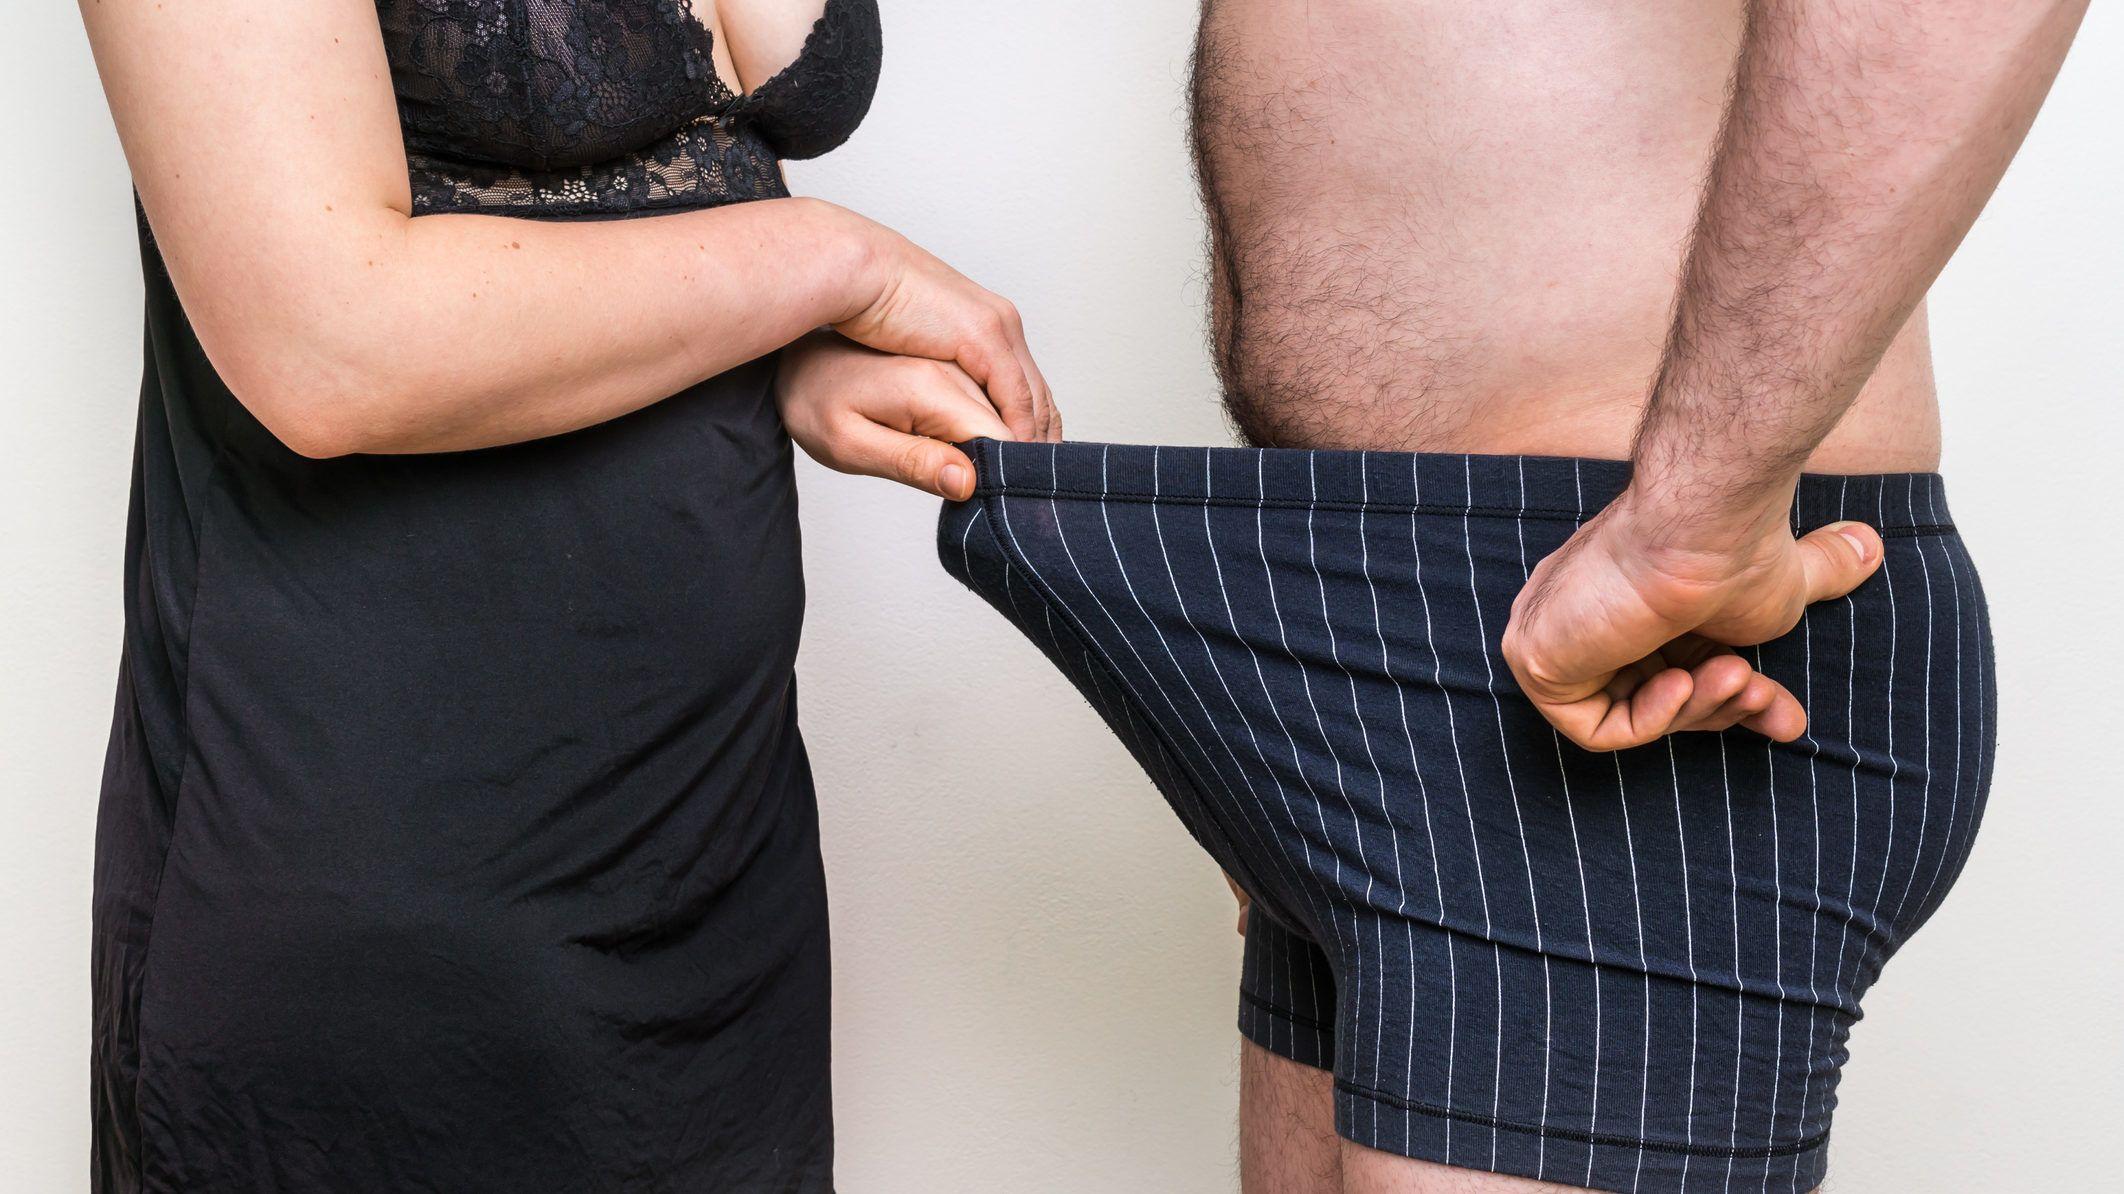 erekció további stimuláció gyenge merevedés 22 évesen mit kell tenni